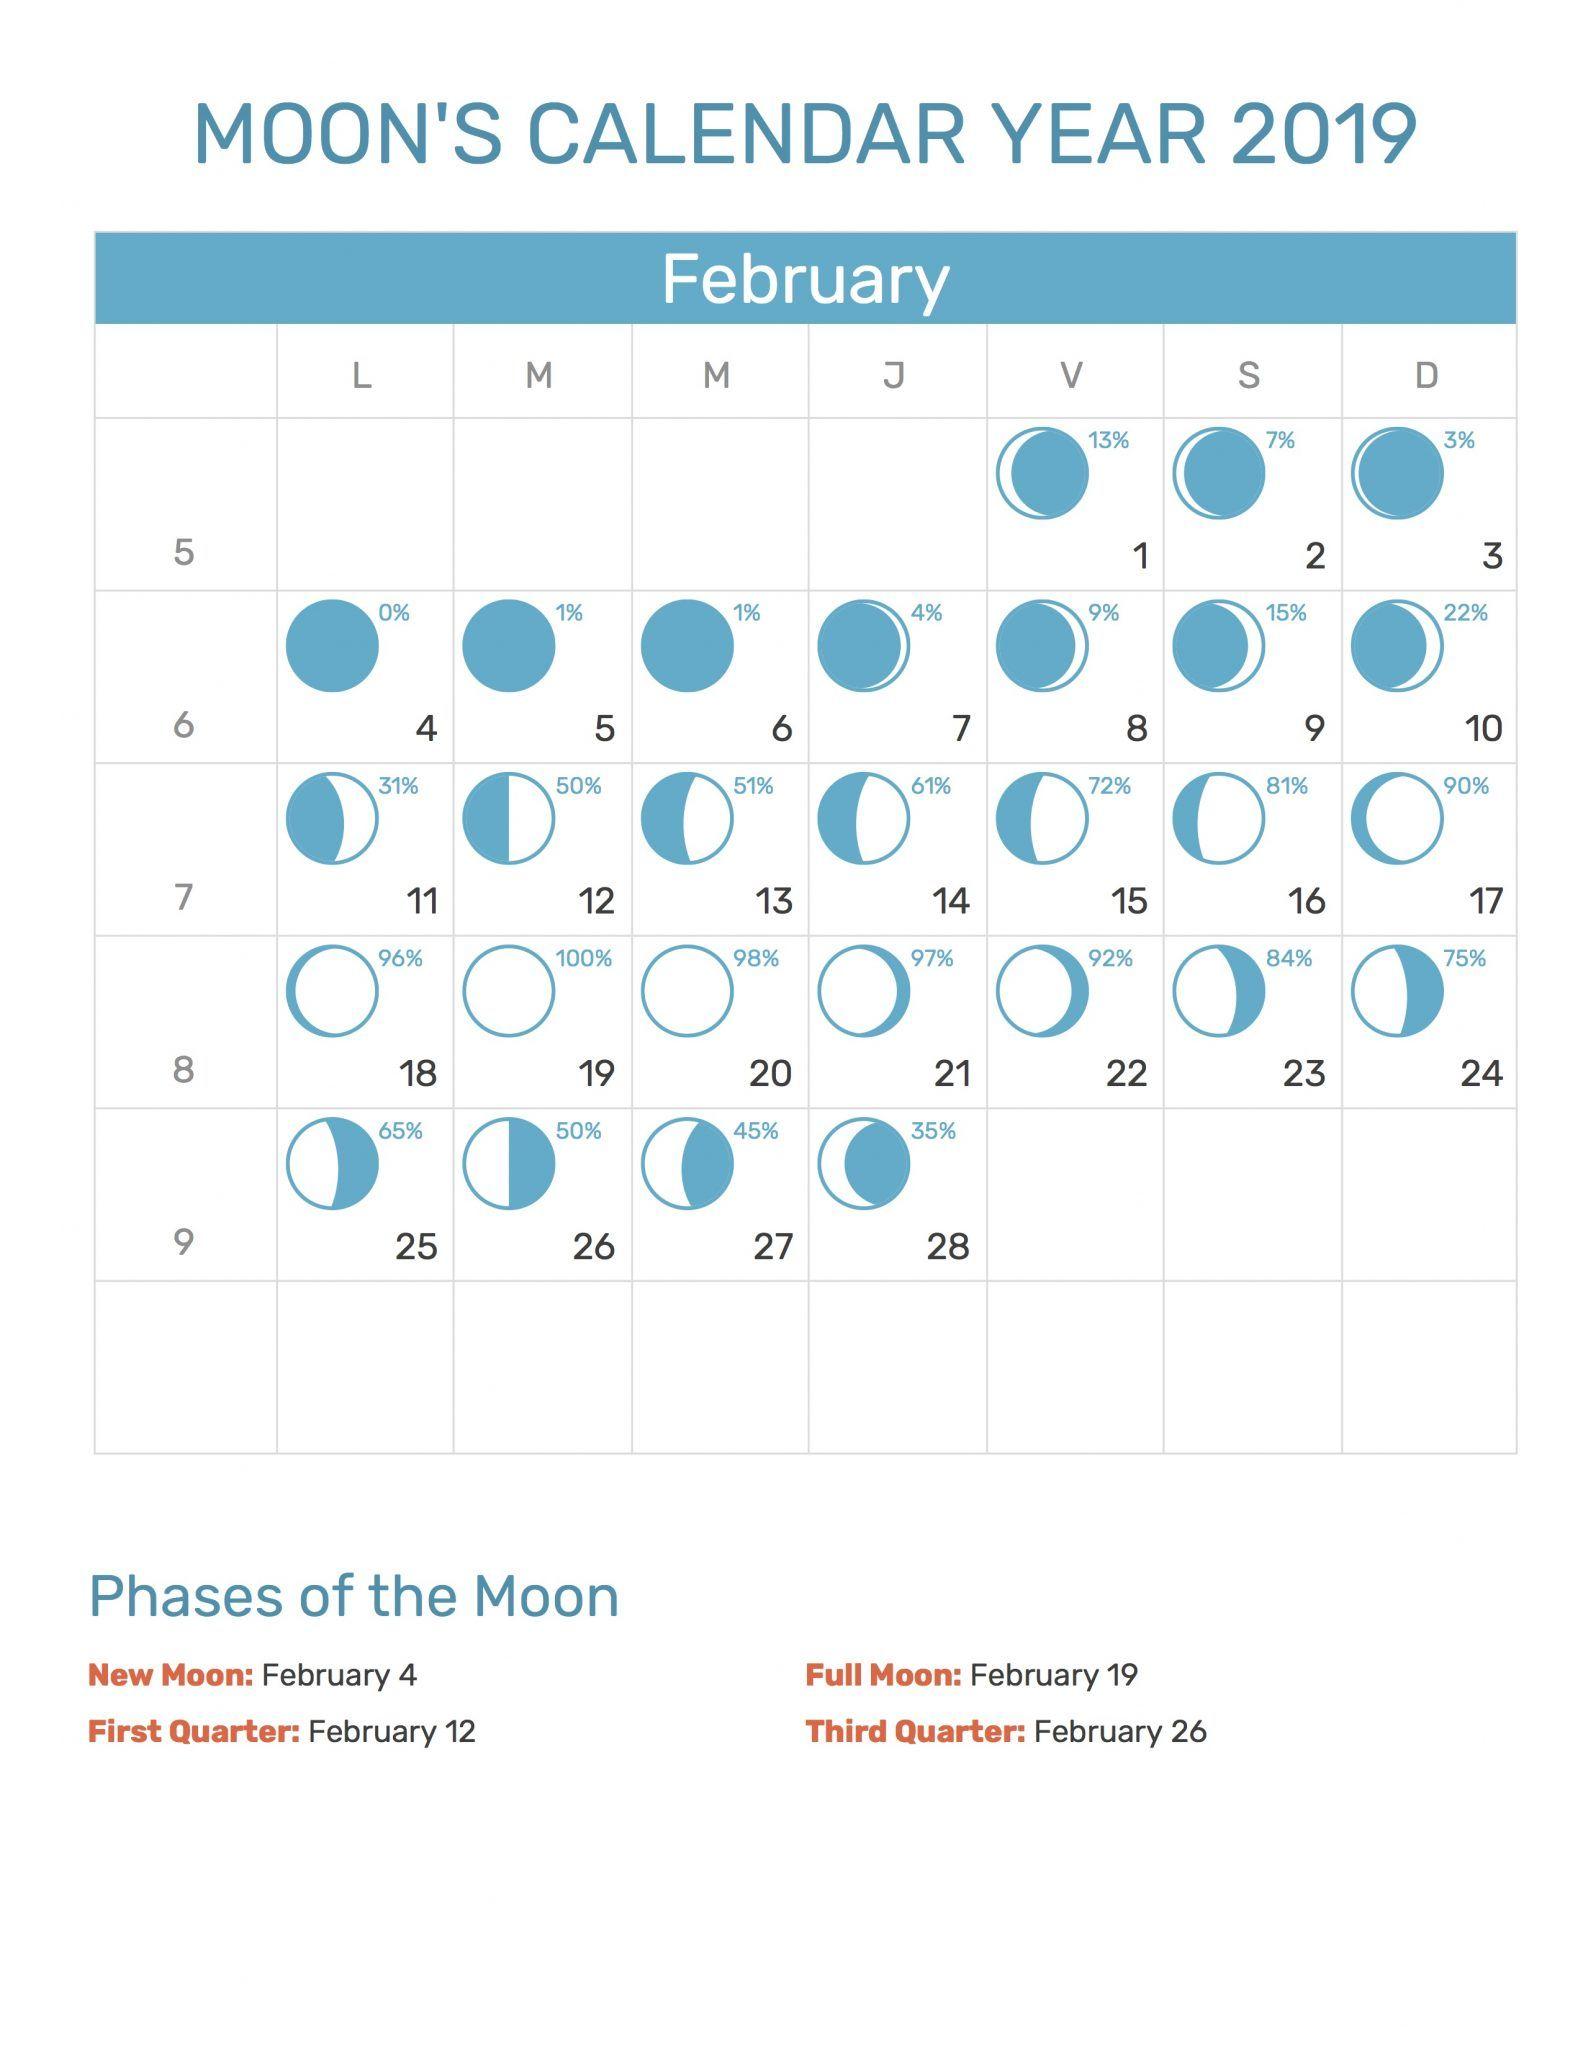 February Calendar 2019 With Moon Phases Moon Calendar February 2019 | 999+ Monthly Calendar Templates